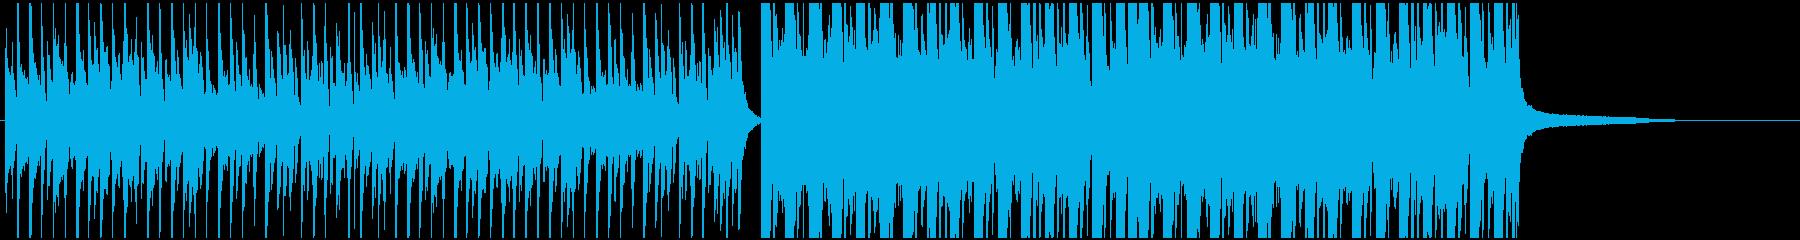 かわいいエレクトロの再生済みの波形